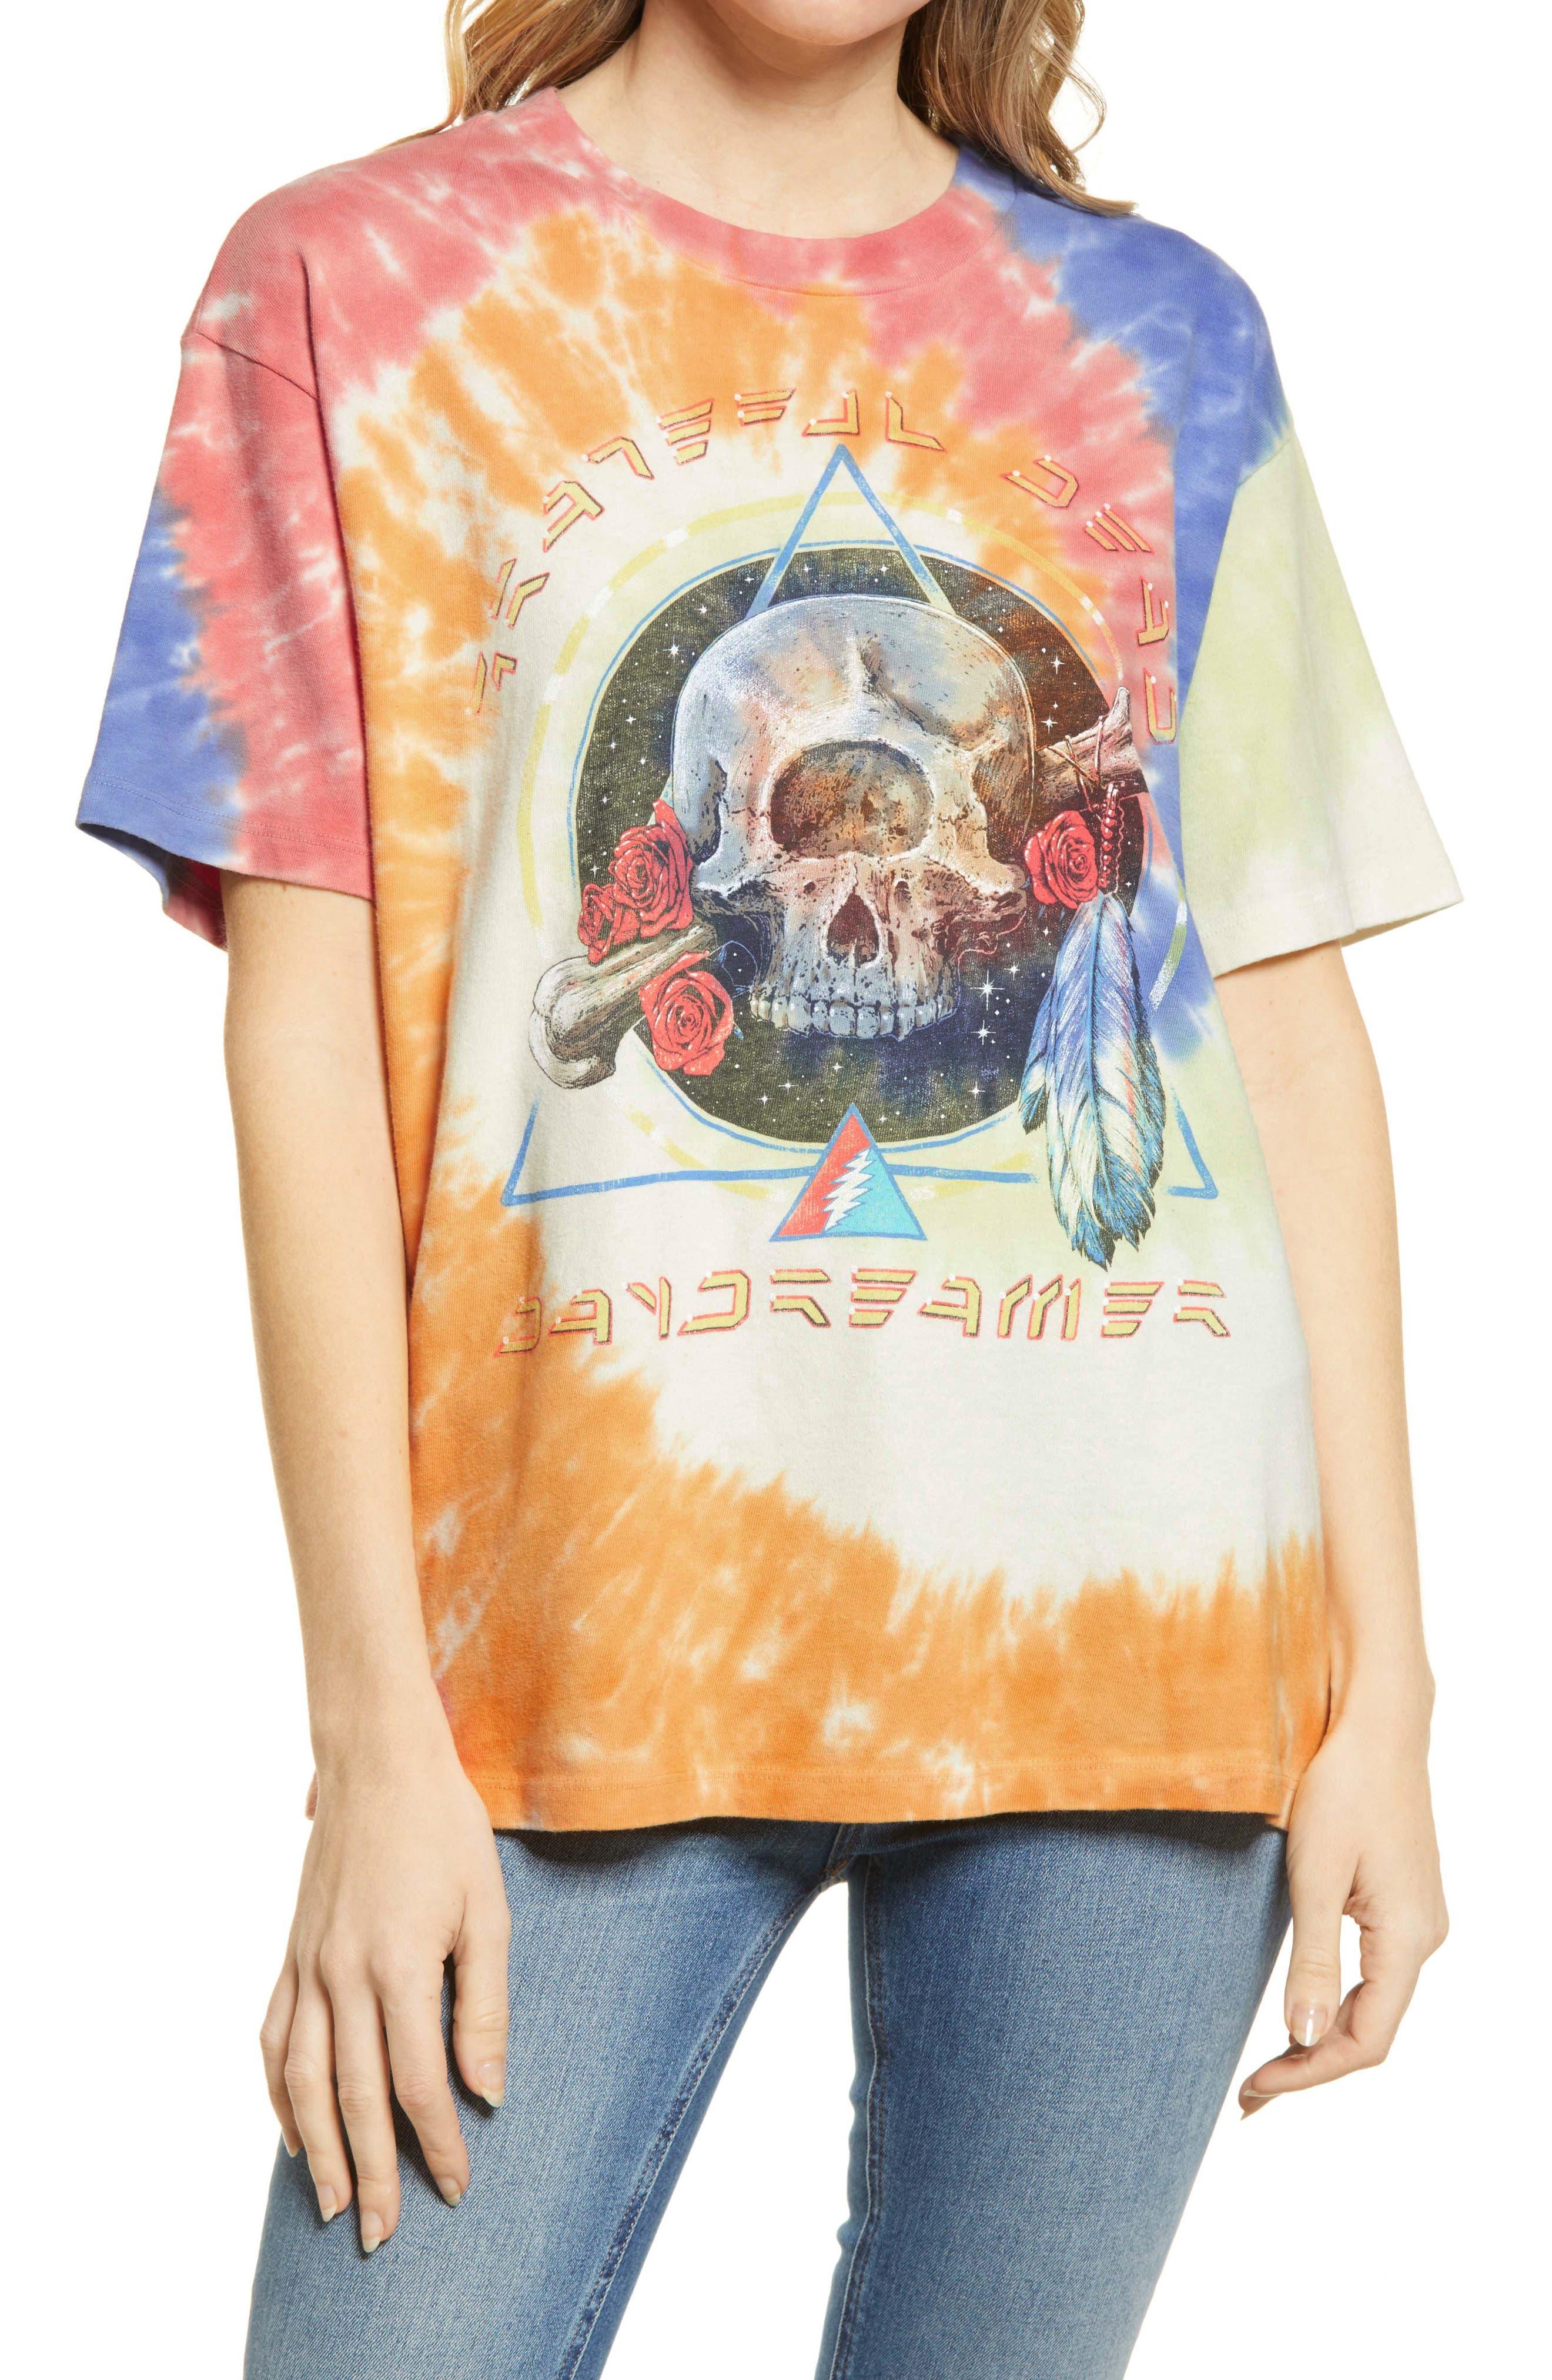 Grateful Dead Cyclops Weekend Tie Dye Graphic Tee